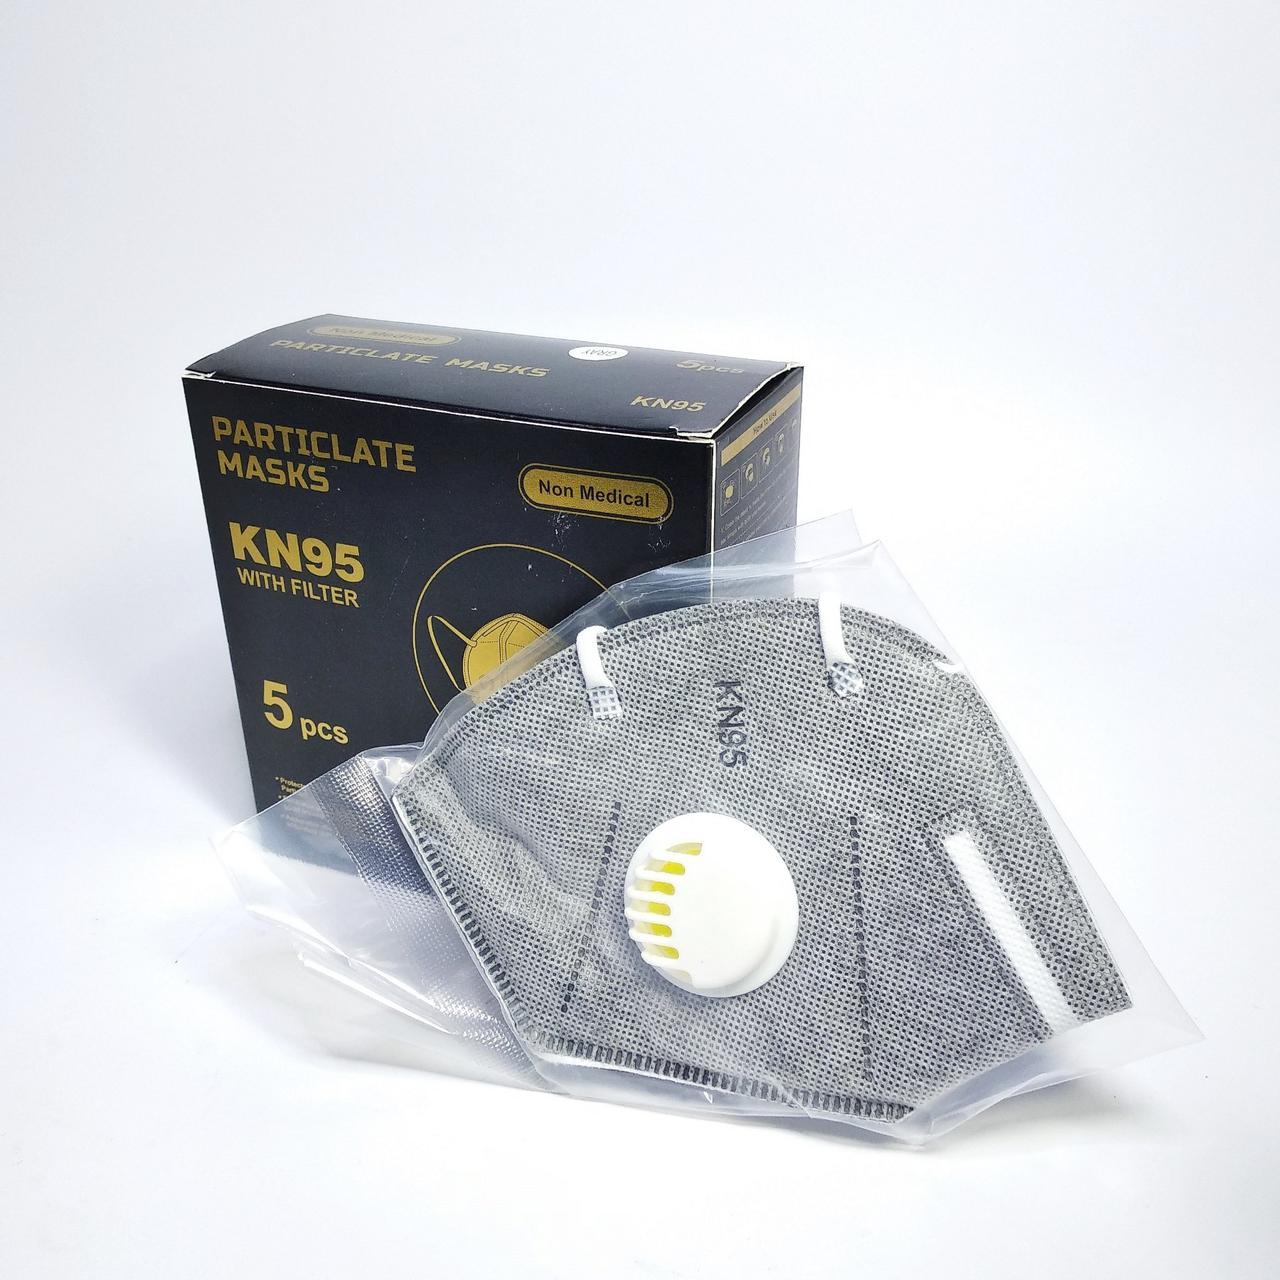 Багаторазова маска-респіратор KN 95 універсальна з вугільним фільтром, сіра (1шт)